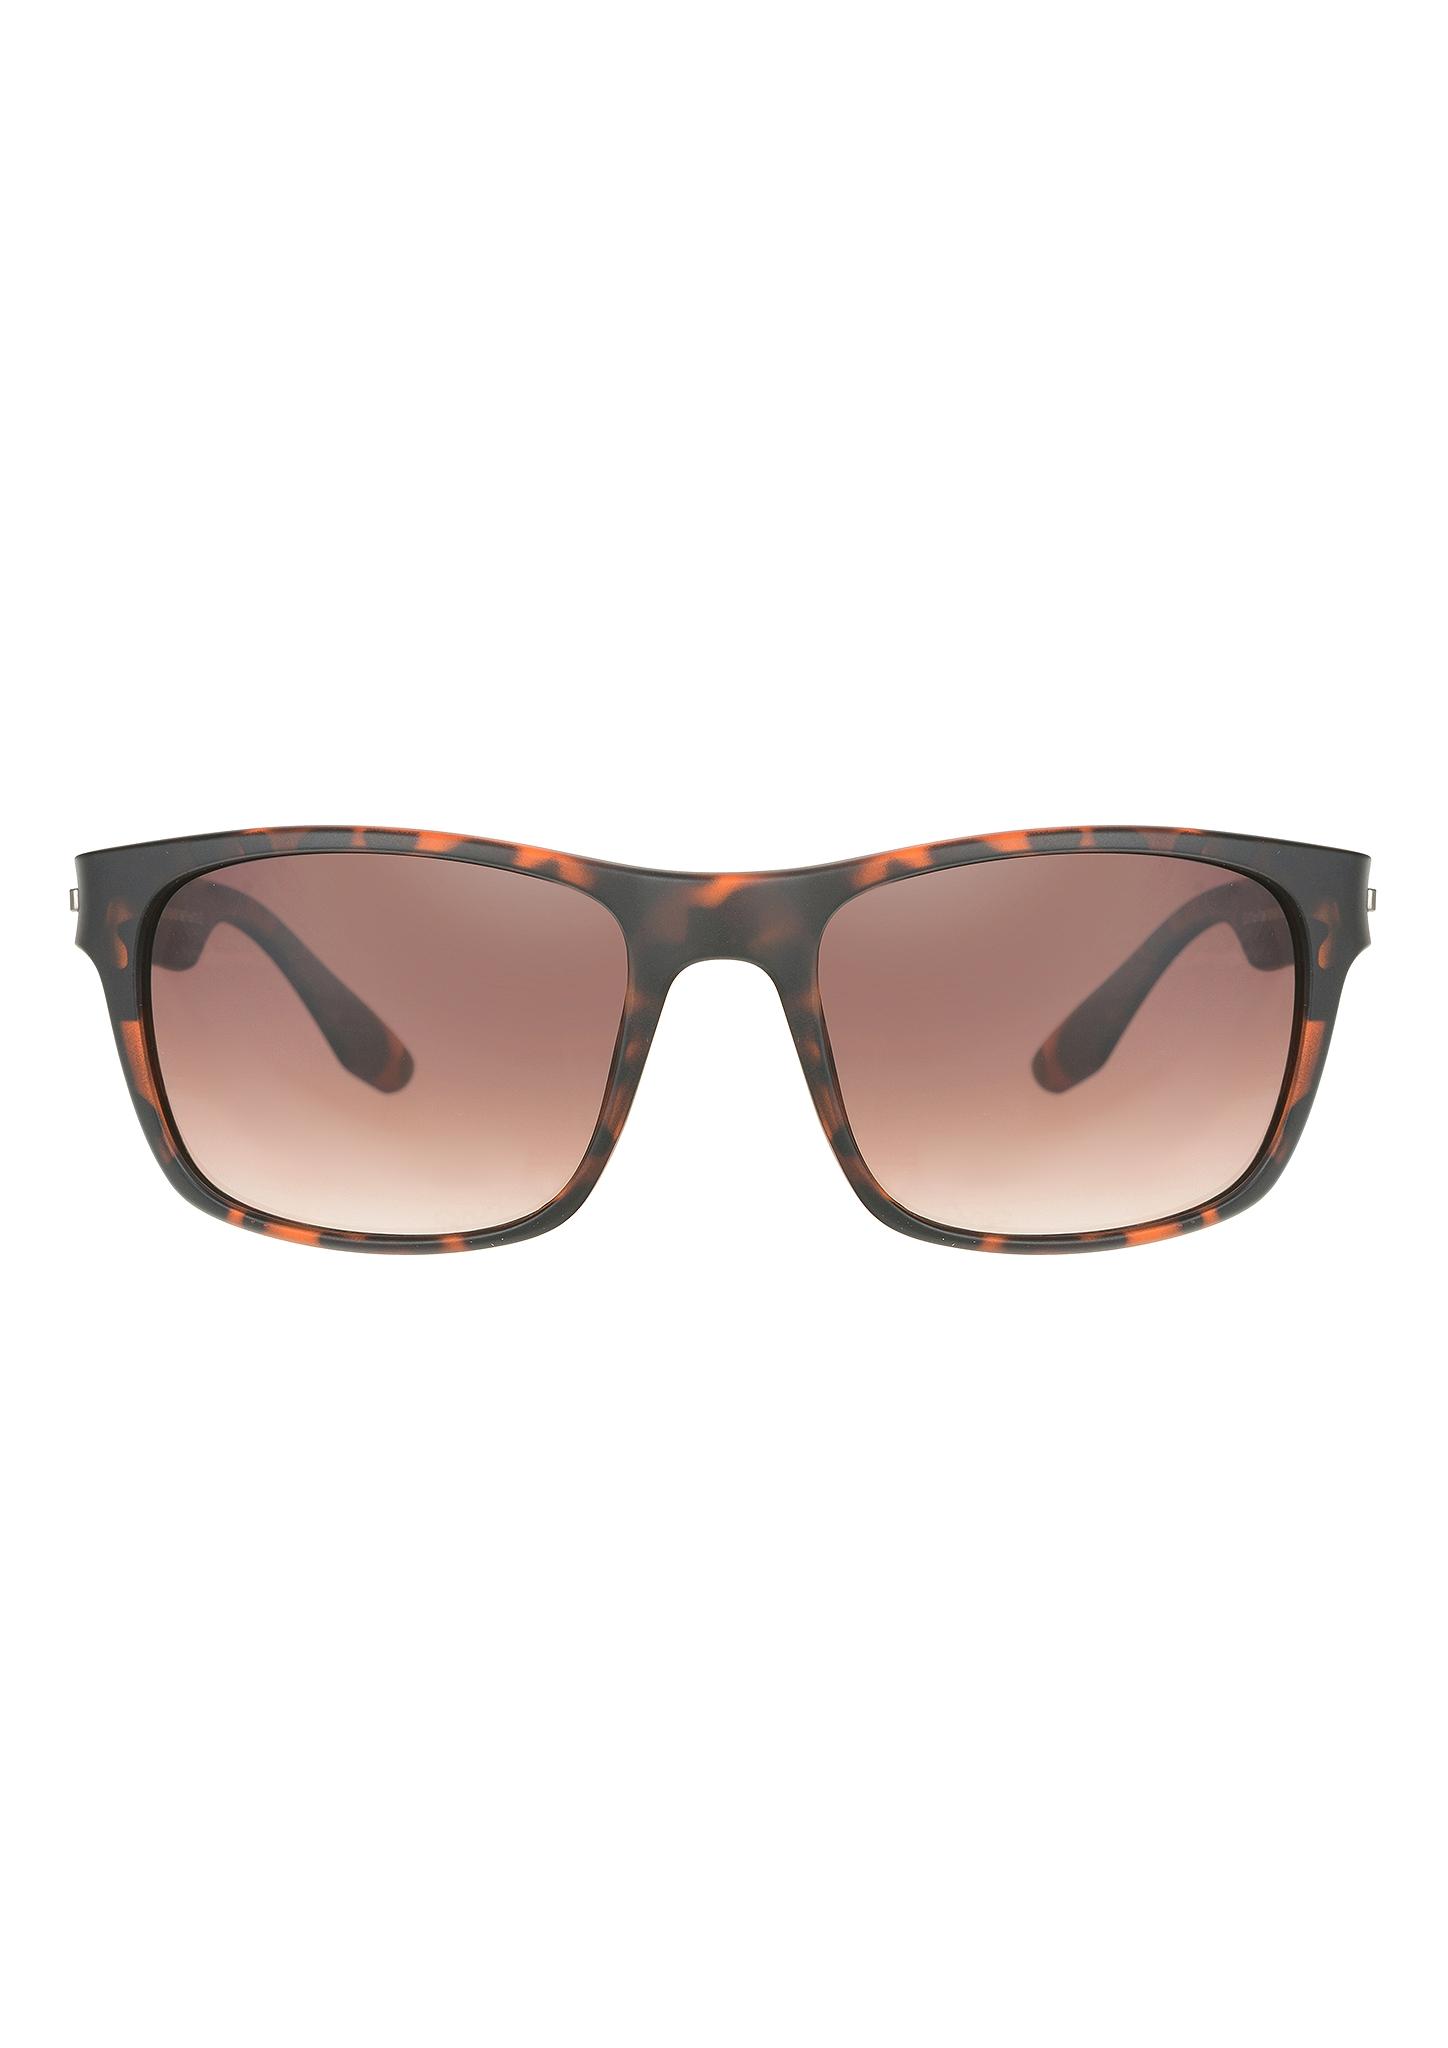 Sonnenbrille | Accessoires > Sonnenbrillen > Sonstige Sonnenbrillen | Braun | s.Oliver